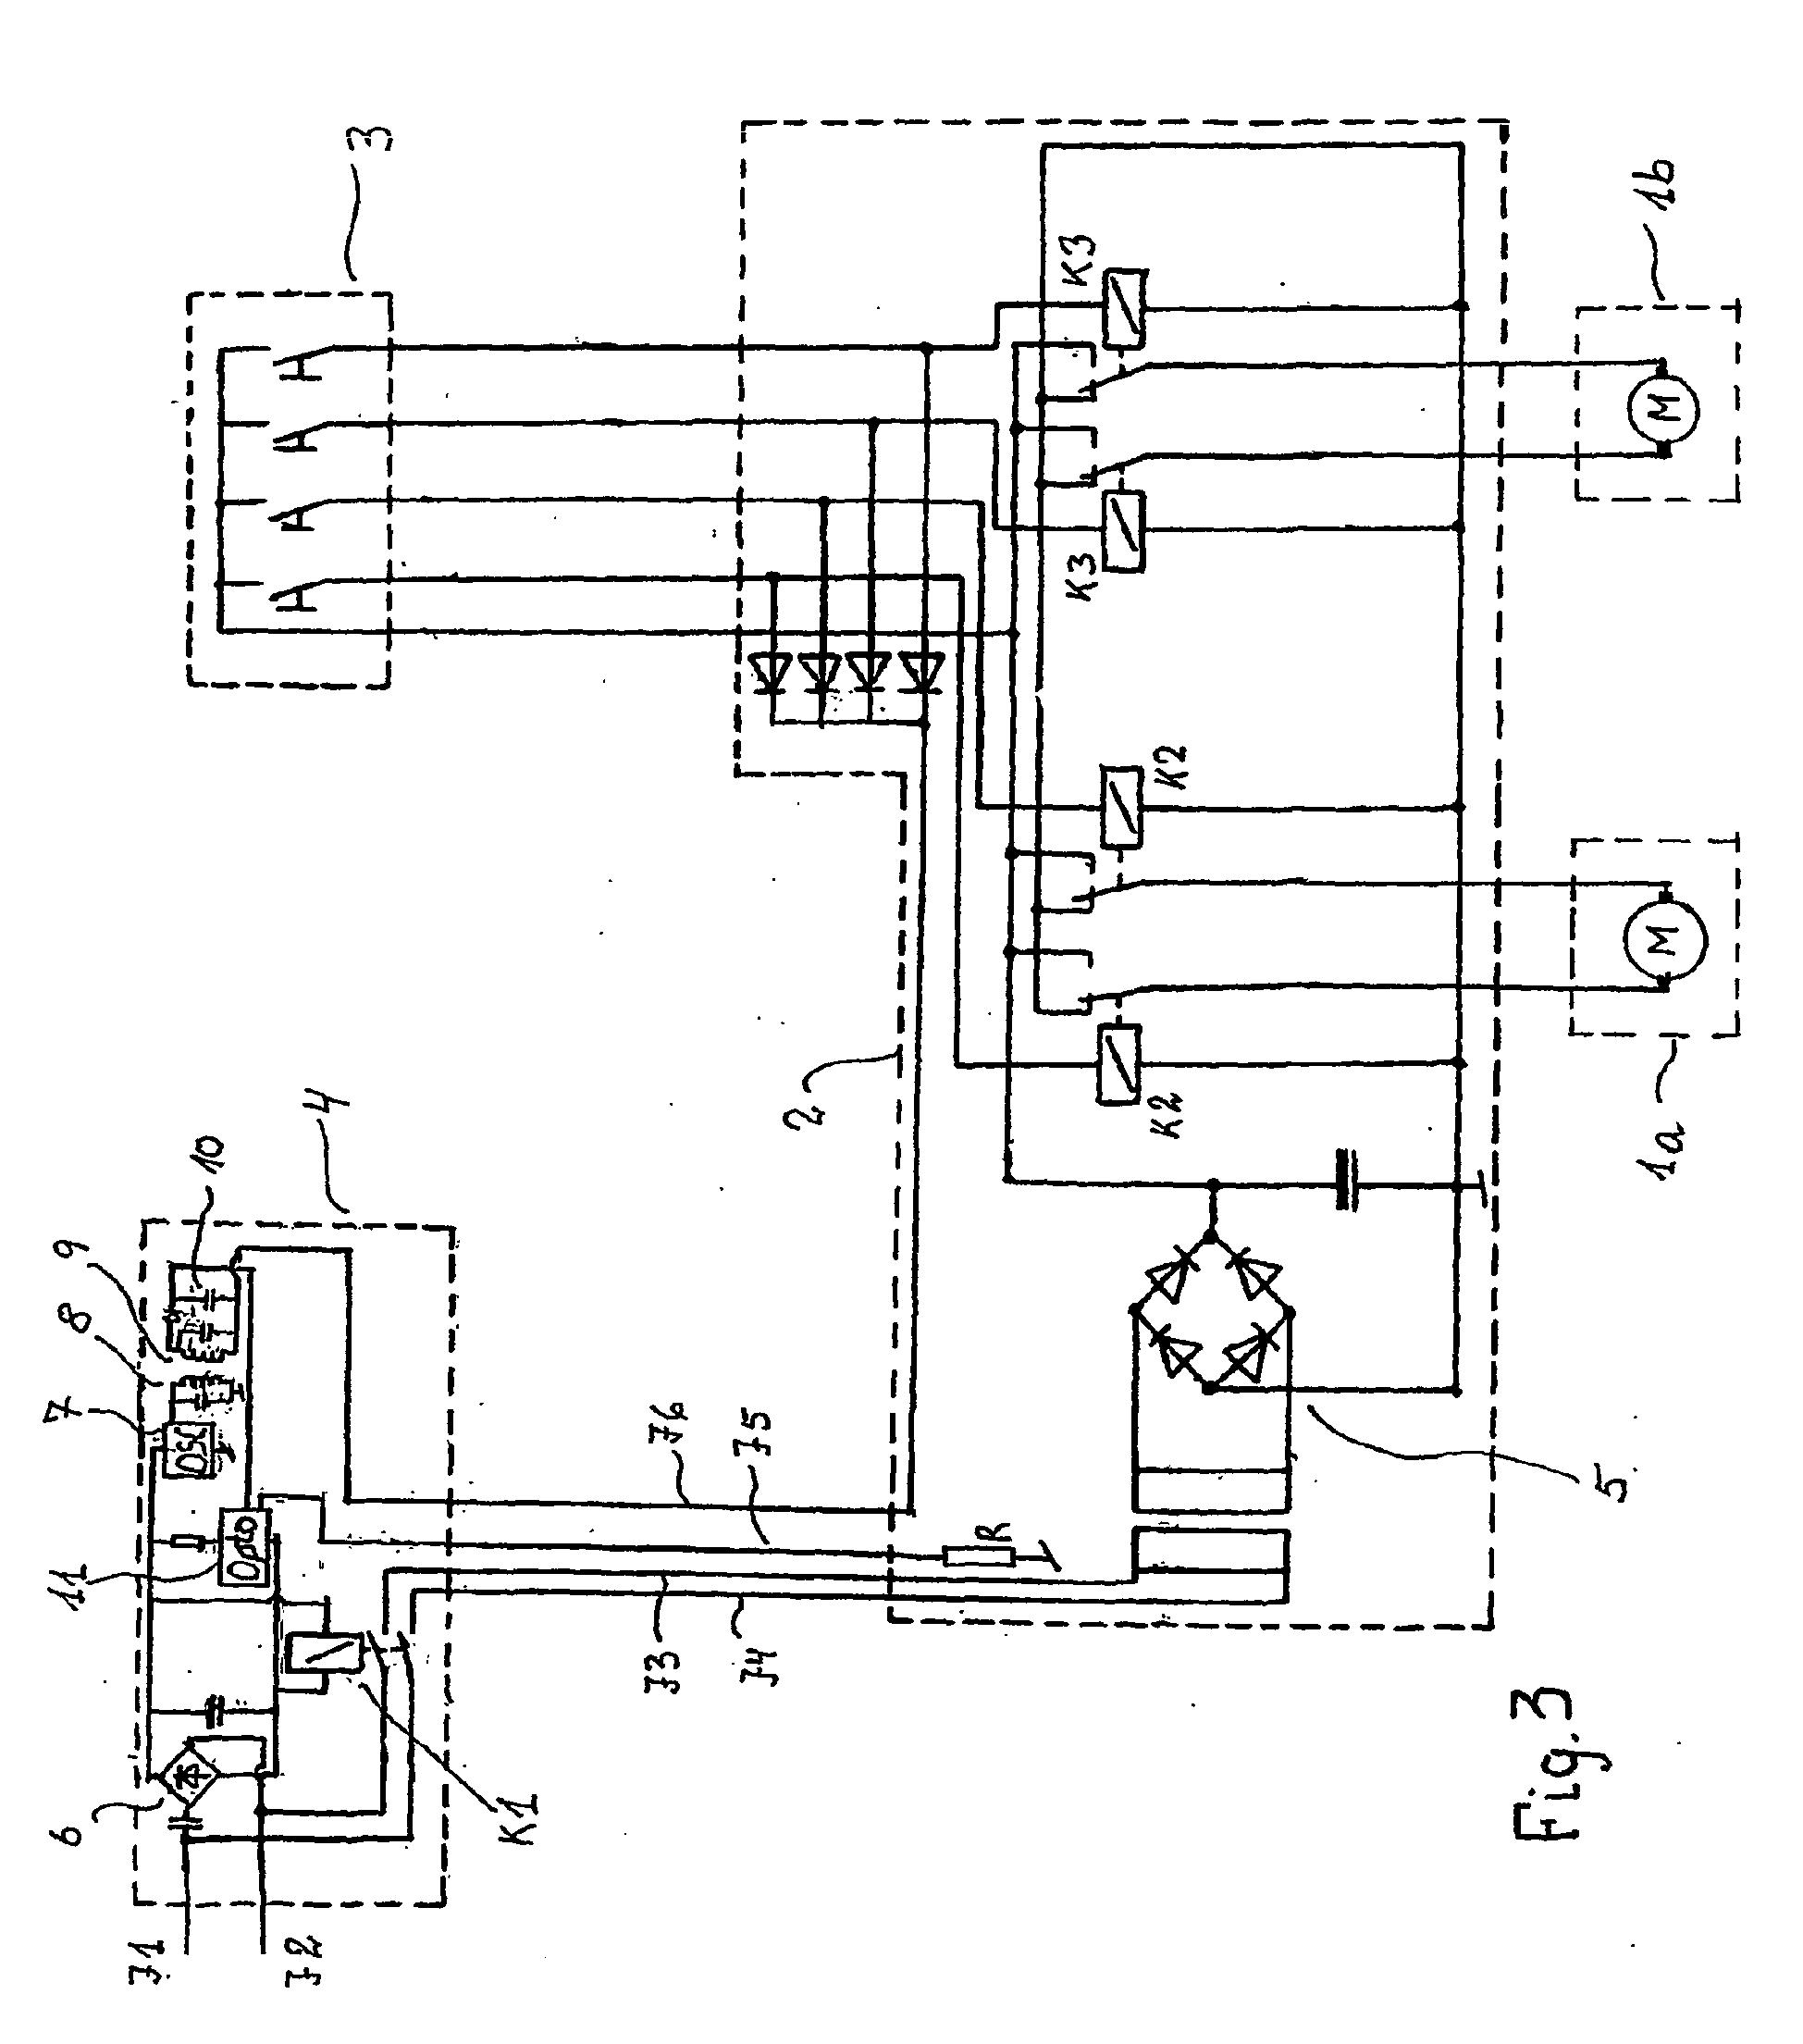 dayton 115v wiring diagram